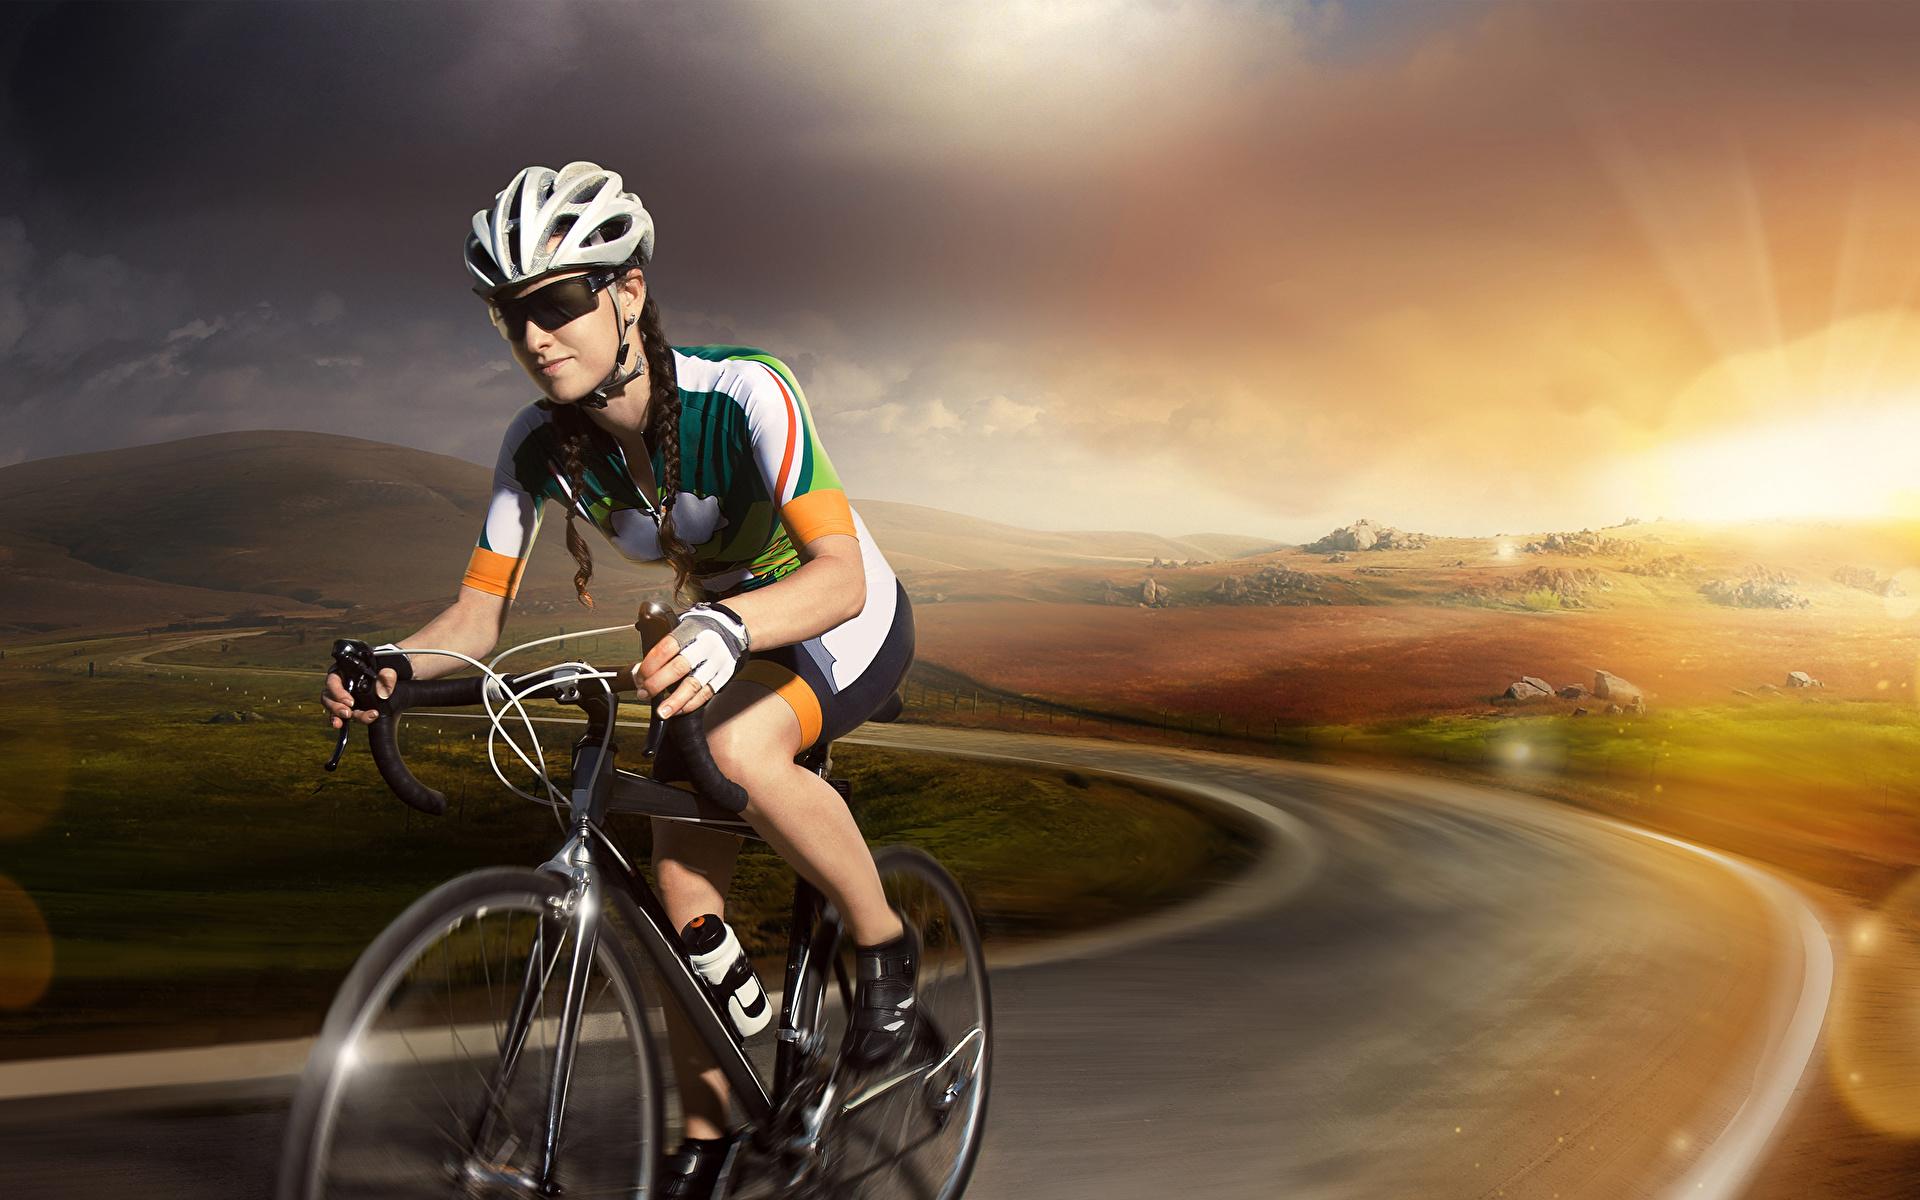 Картинка Шлем велосипеде спортивная молодые женщины Дороги Очки 1920x1200 шлема в шлеме Велосипед велосипеды Спорт девушка Девушки спортивные спортивный молодая женщина очков очках